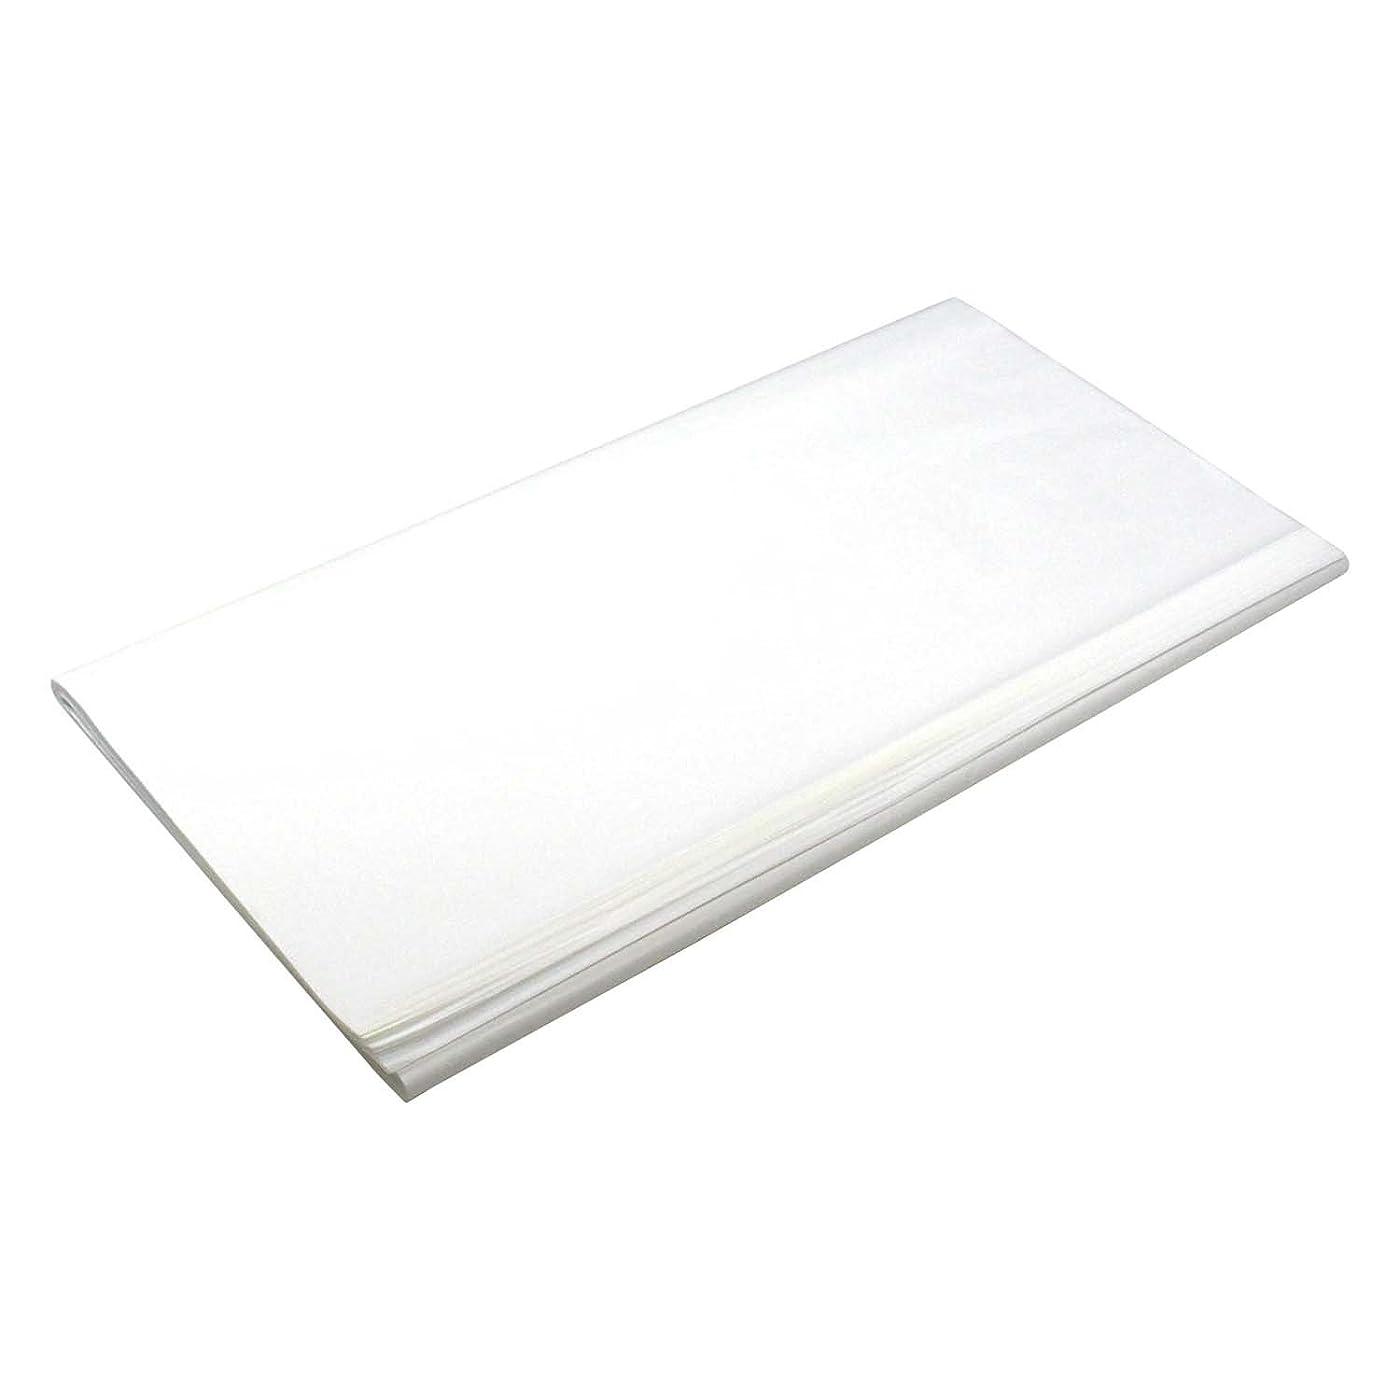 精通した覚えているストレッチ透明袋 OPPクリスタルパック T6-10 100枚入 <サイズ:厚み0.03mm 幅6×高10+3cm>